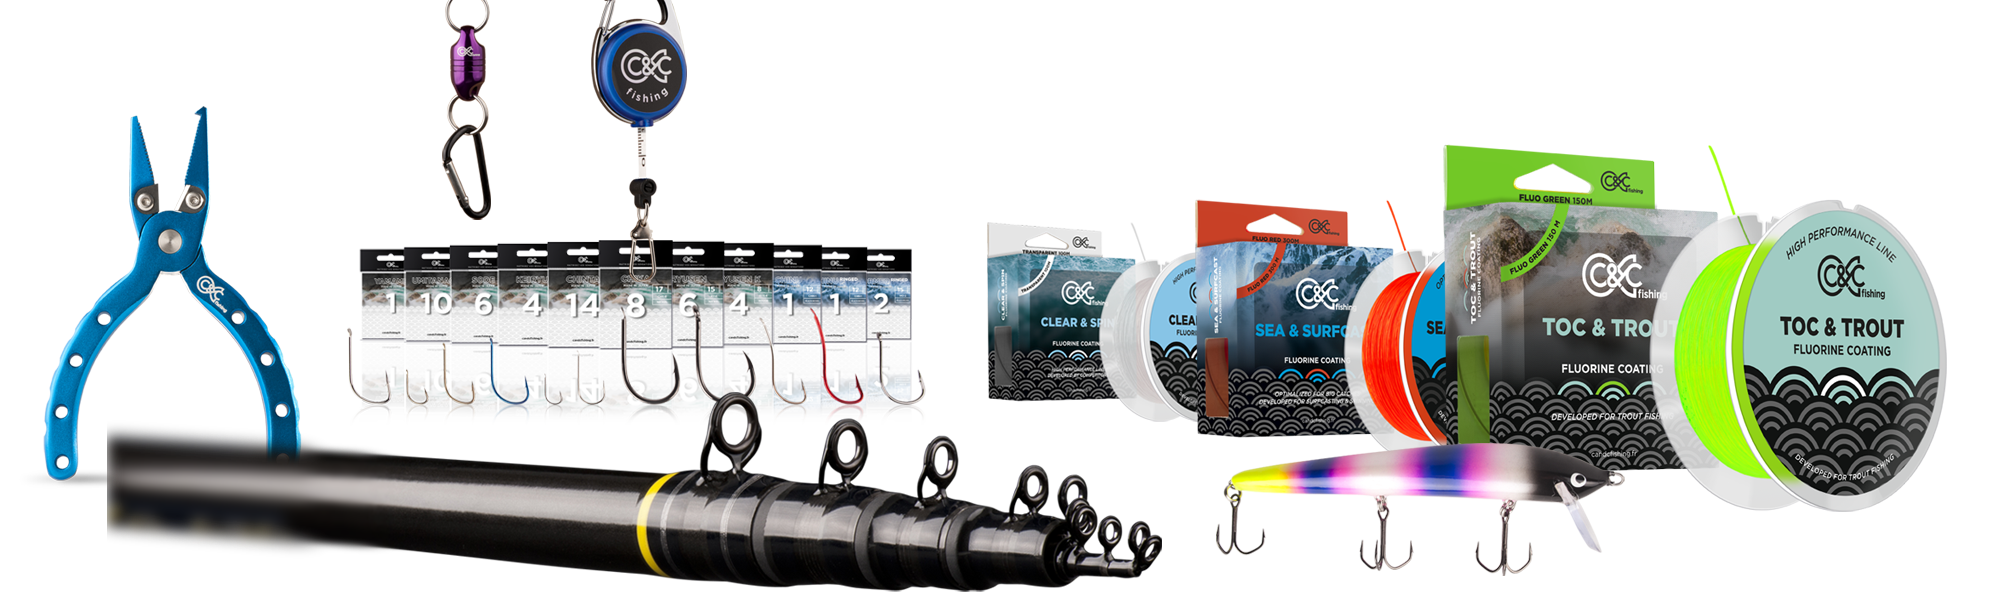 Les produits C&C Fishing design haute qualité